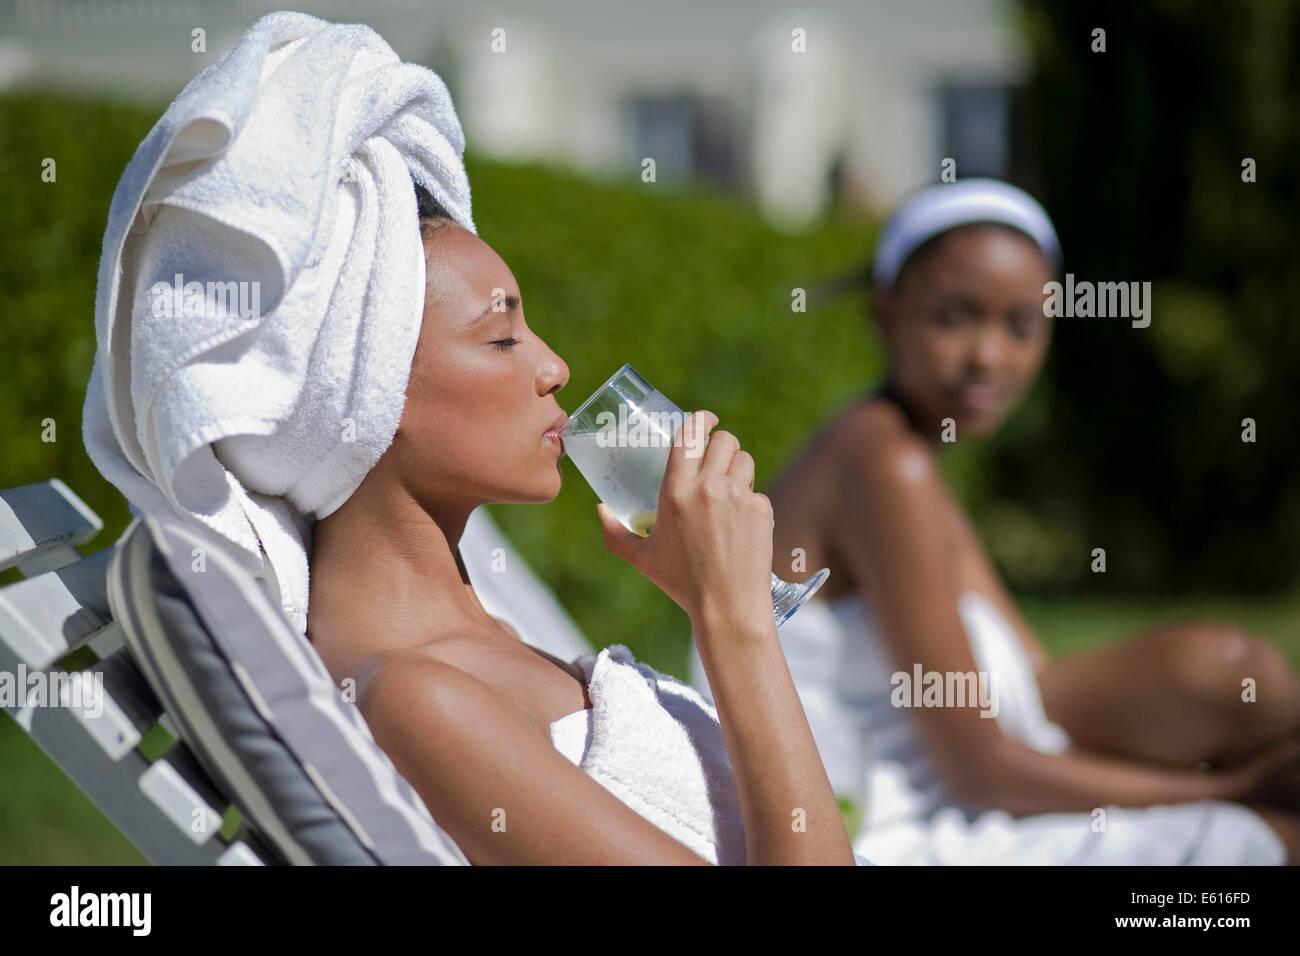 Las mujeres jóvenes están disfrutando de un día de spa y wellness Foto de stock